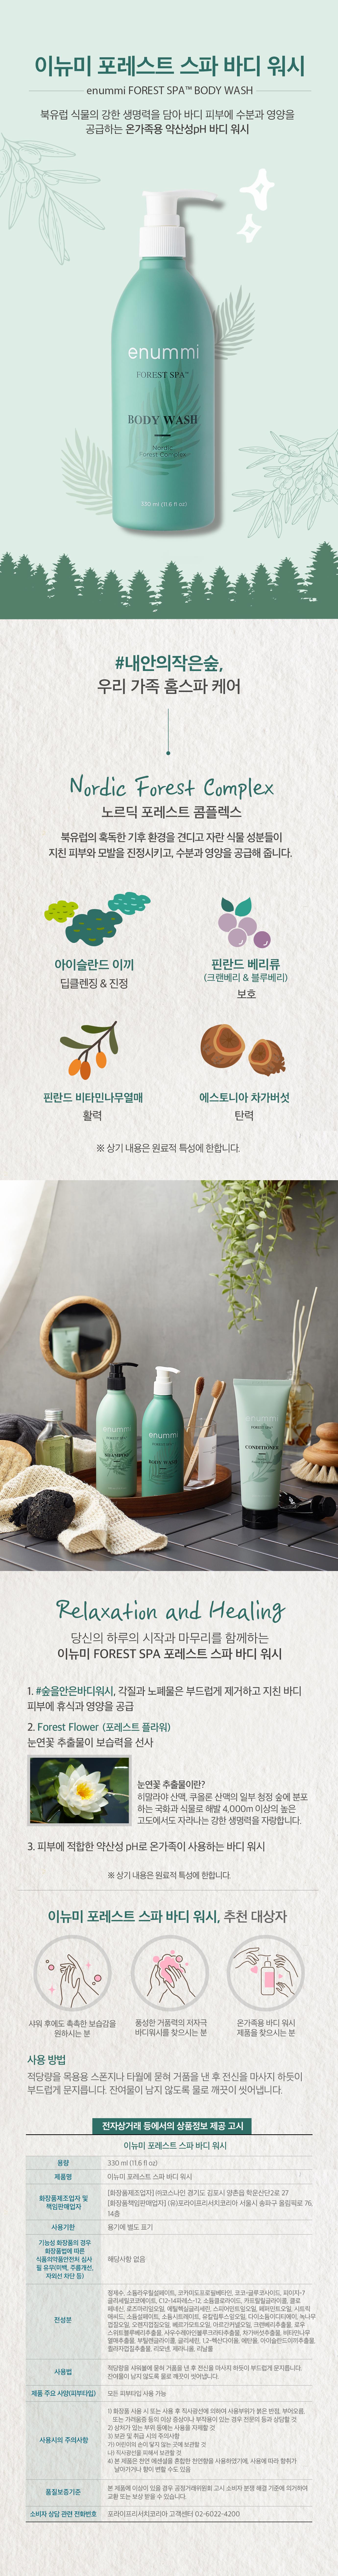 Body Wash Image